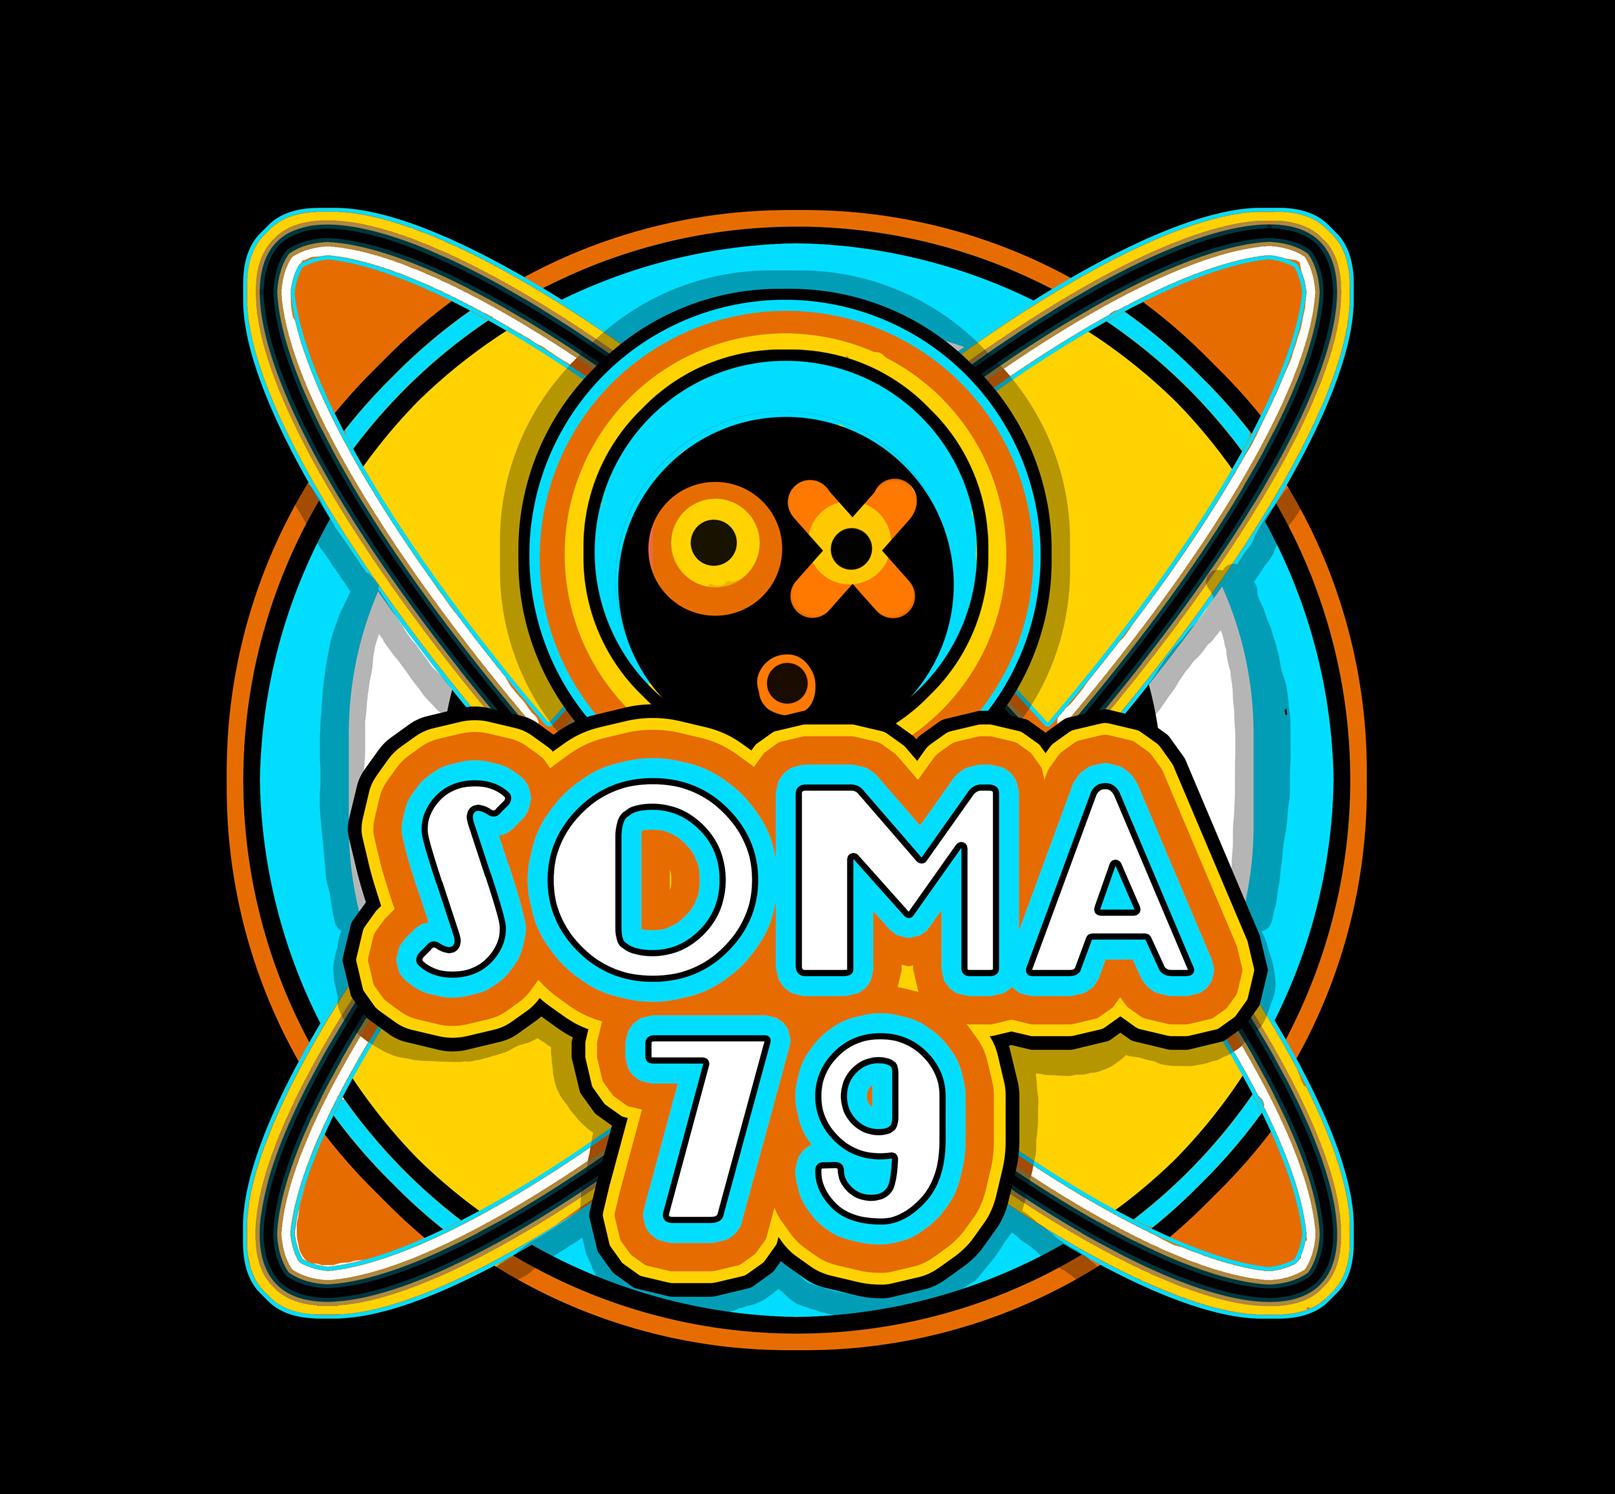 soma79